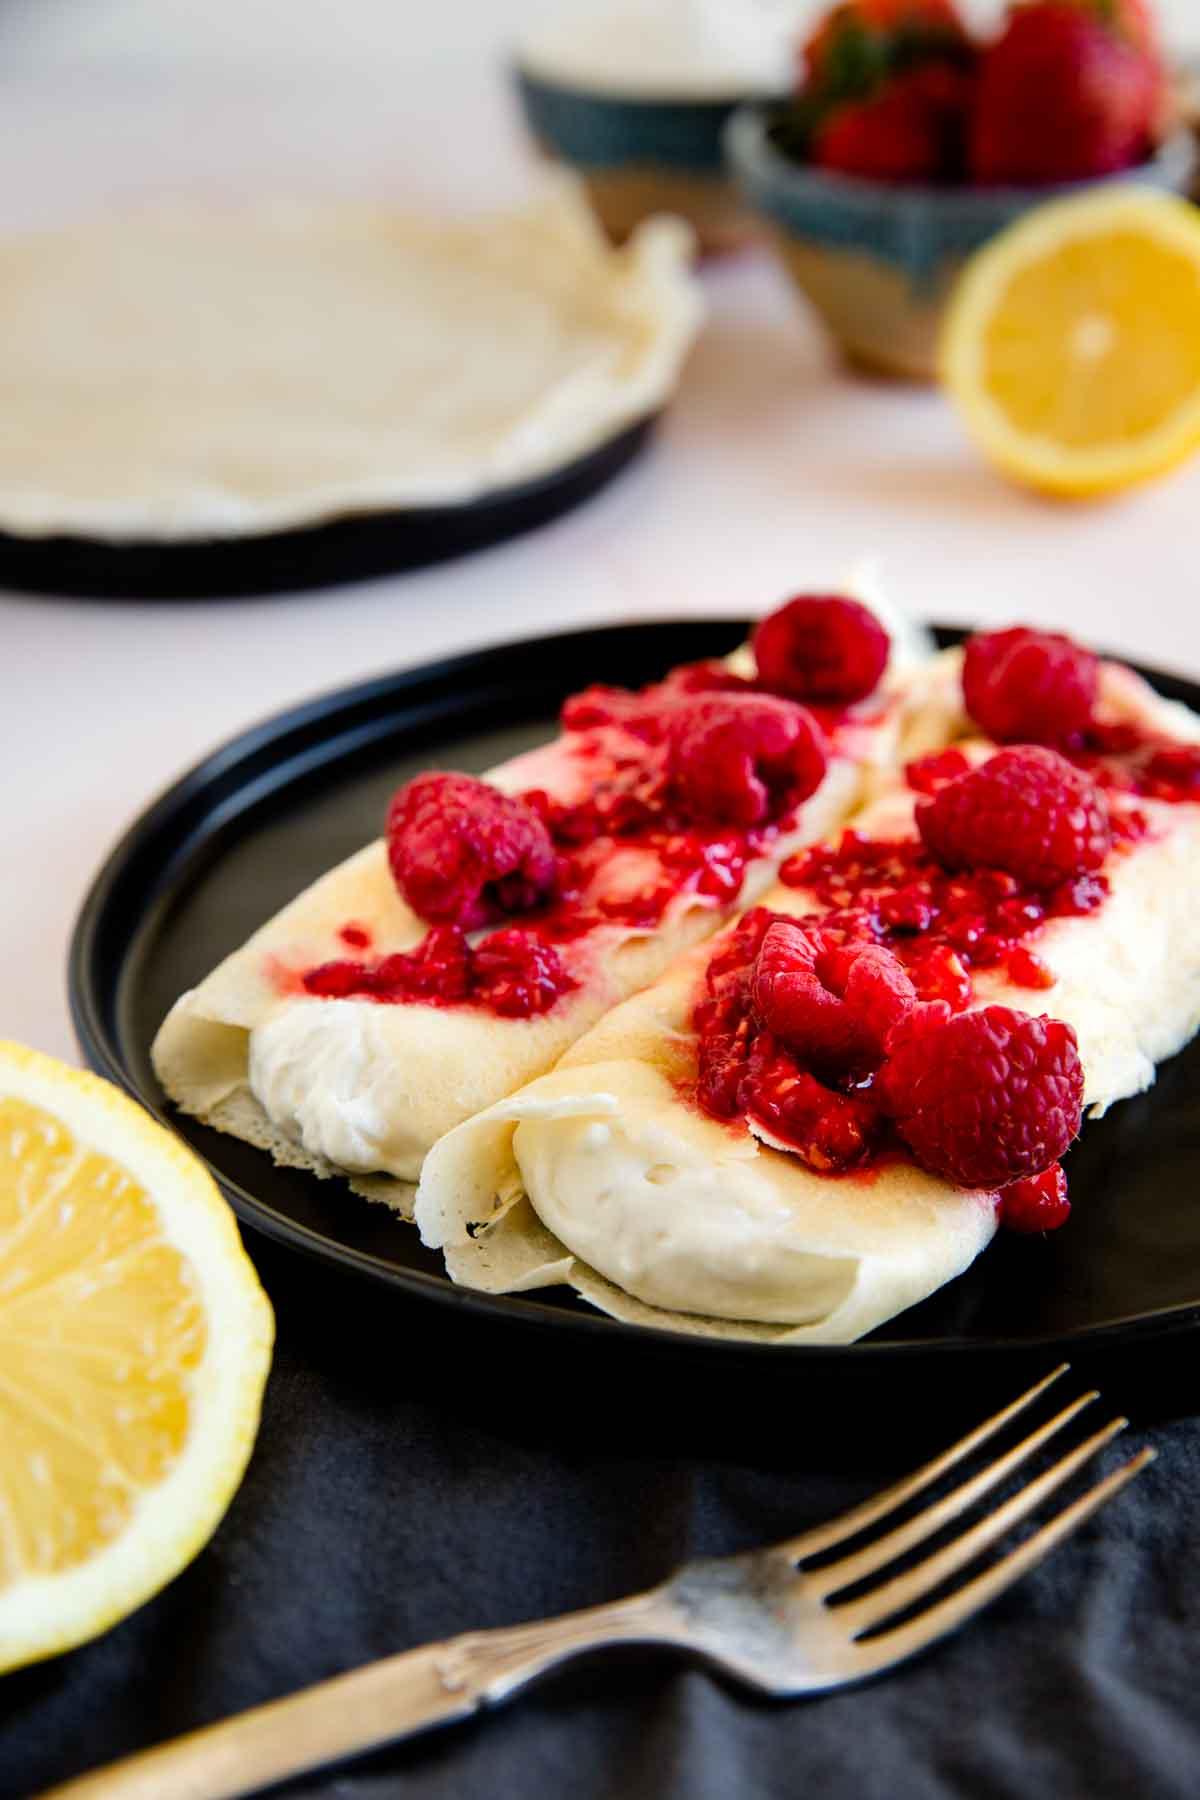 Lemon Ricotta Filled Crepes